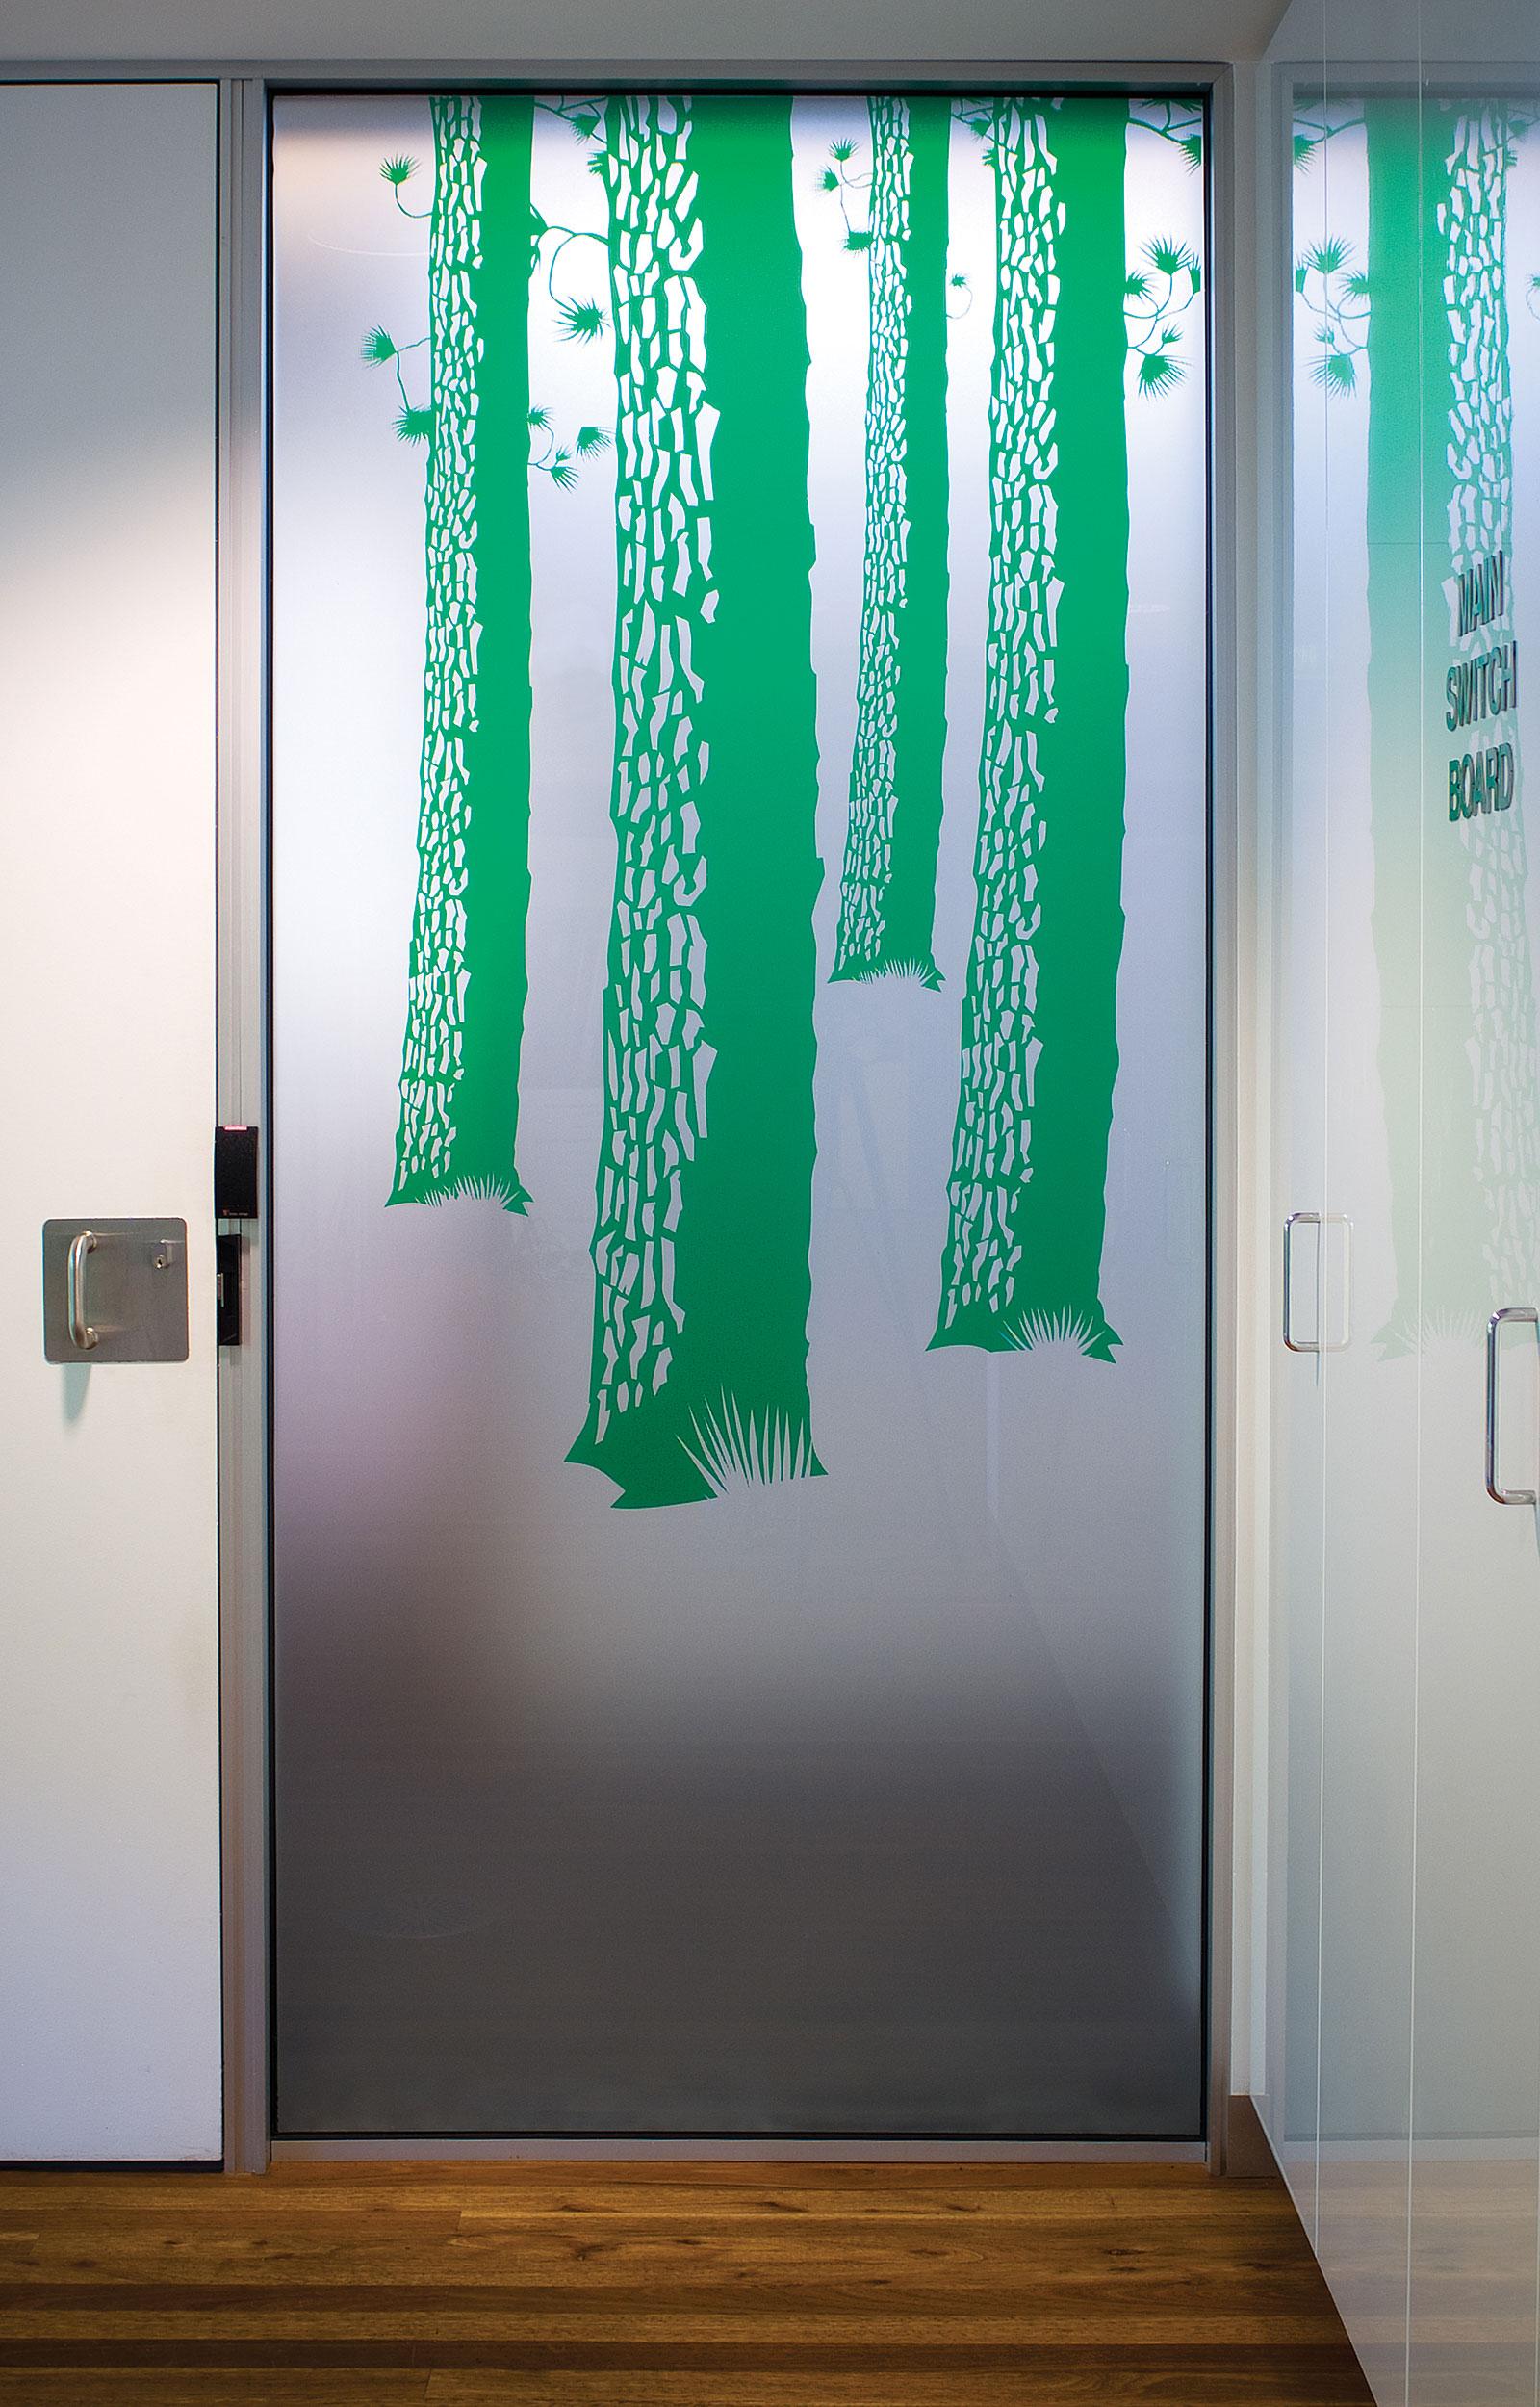 enoki-graphic-forestry-1.jpg